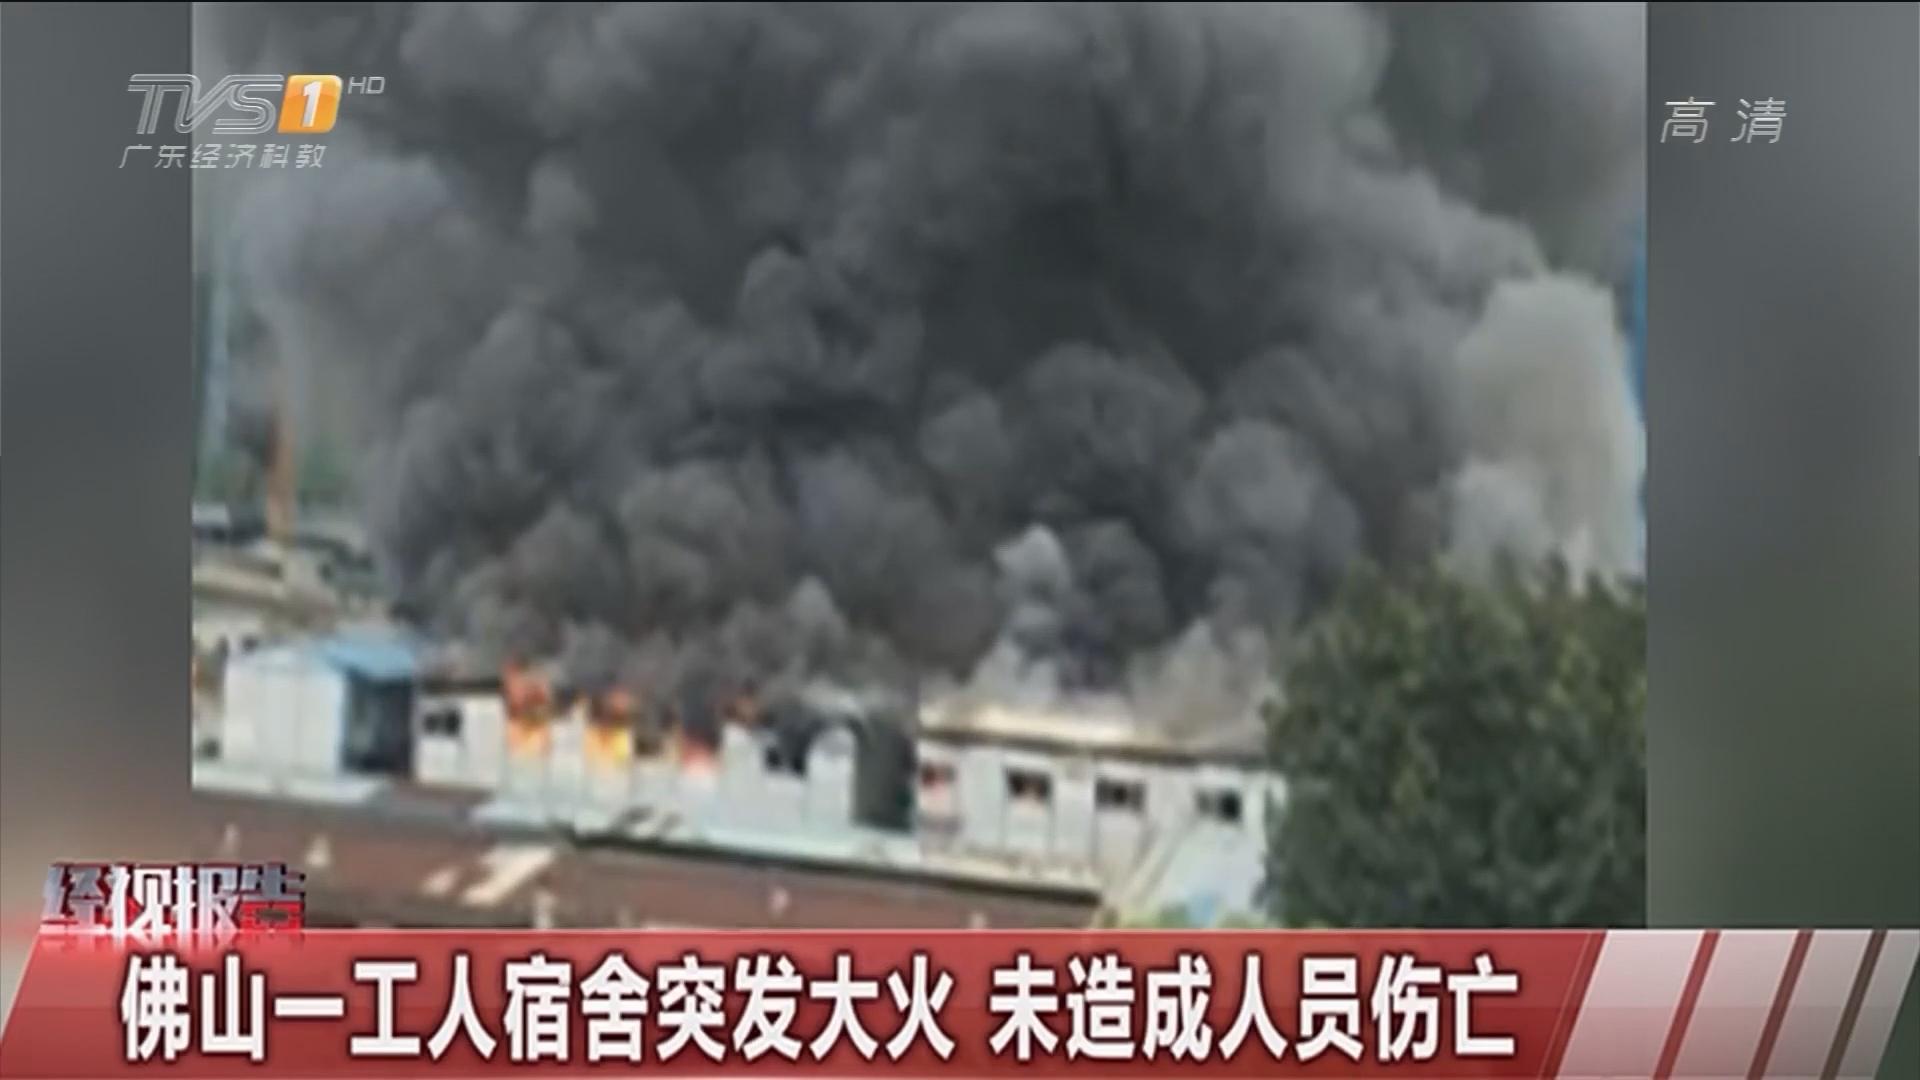 佛山一工人宿舍突发大火 未造成人员伤亡